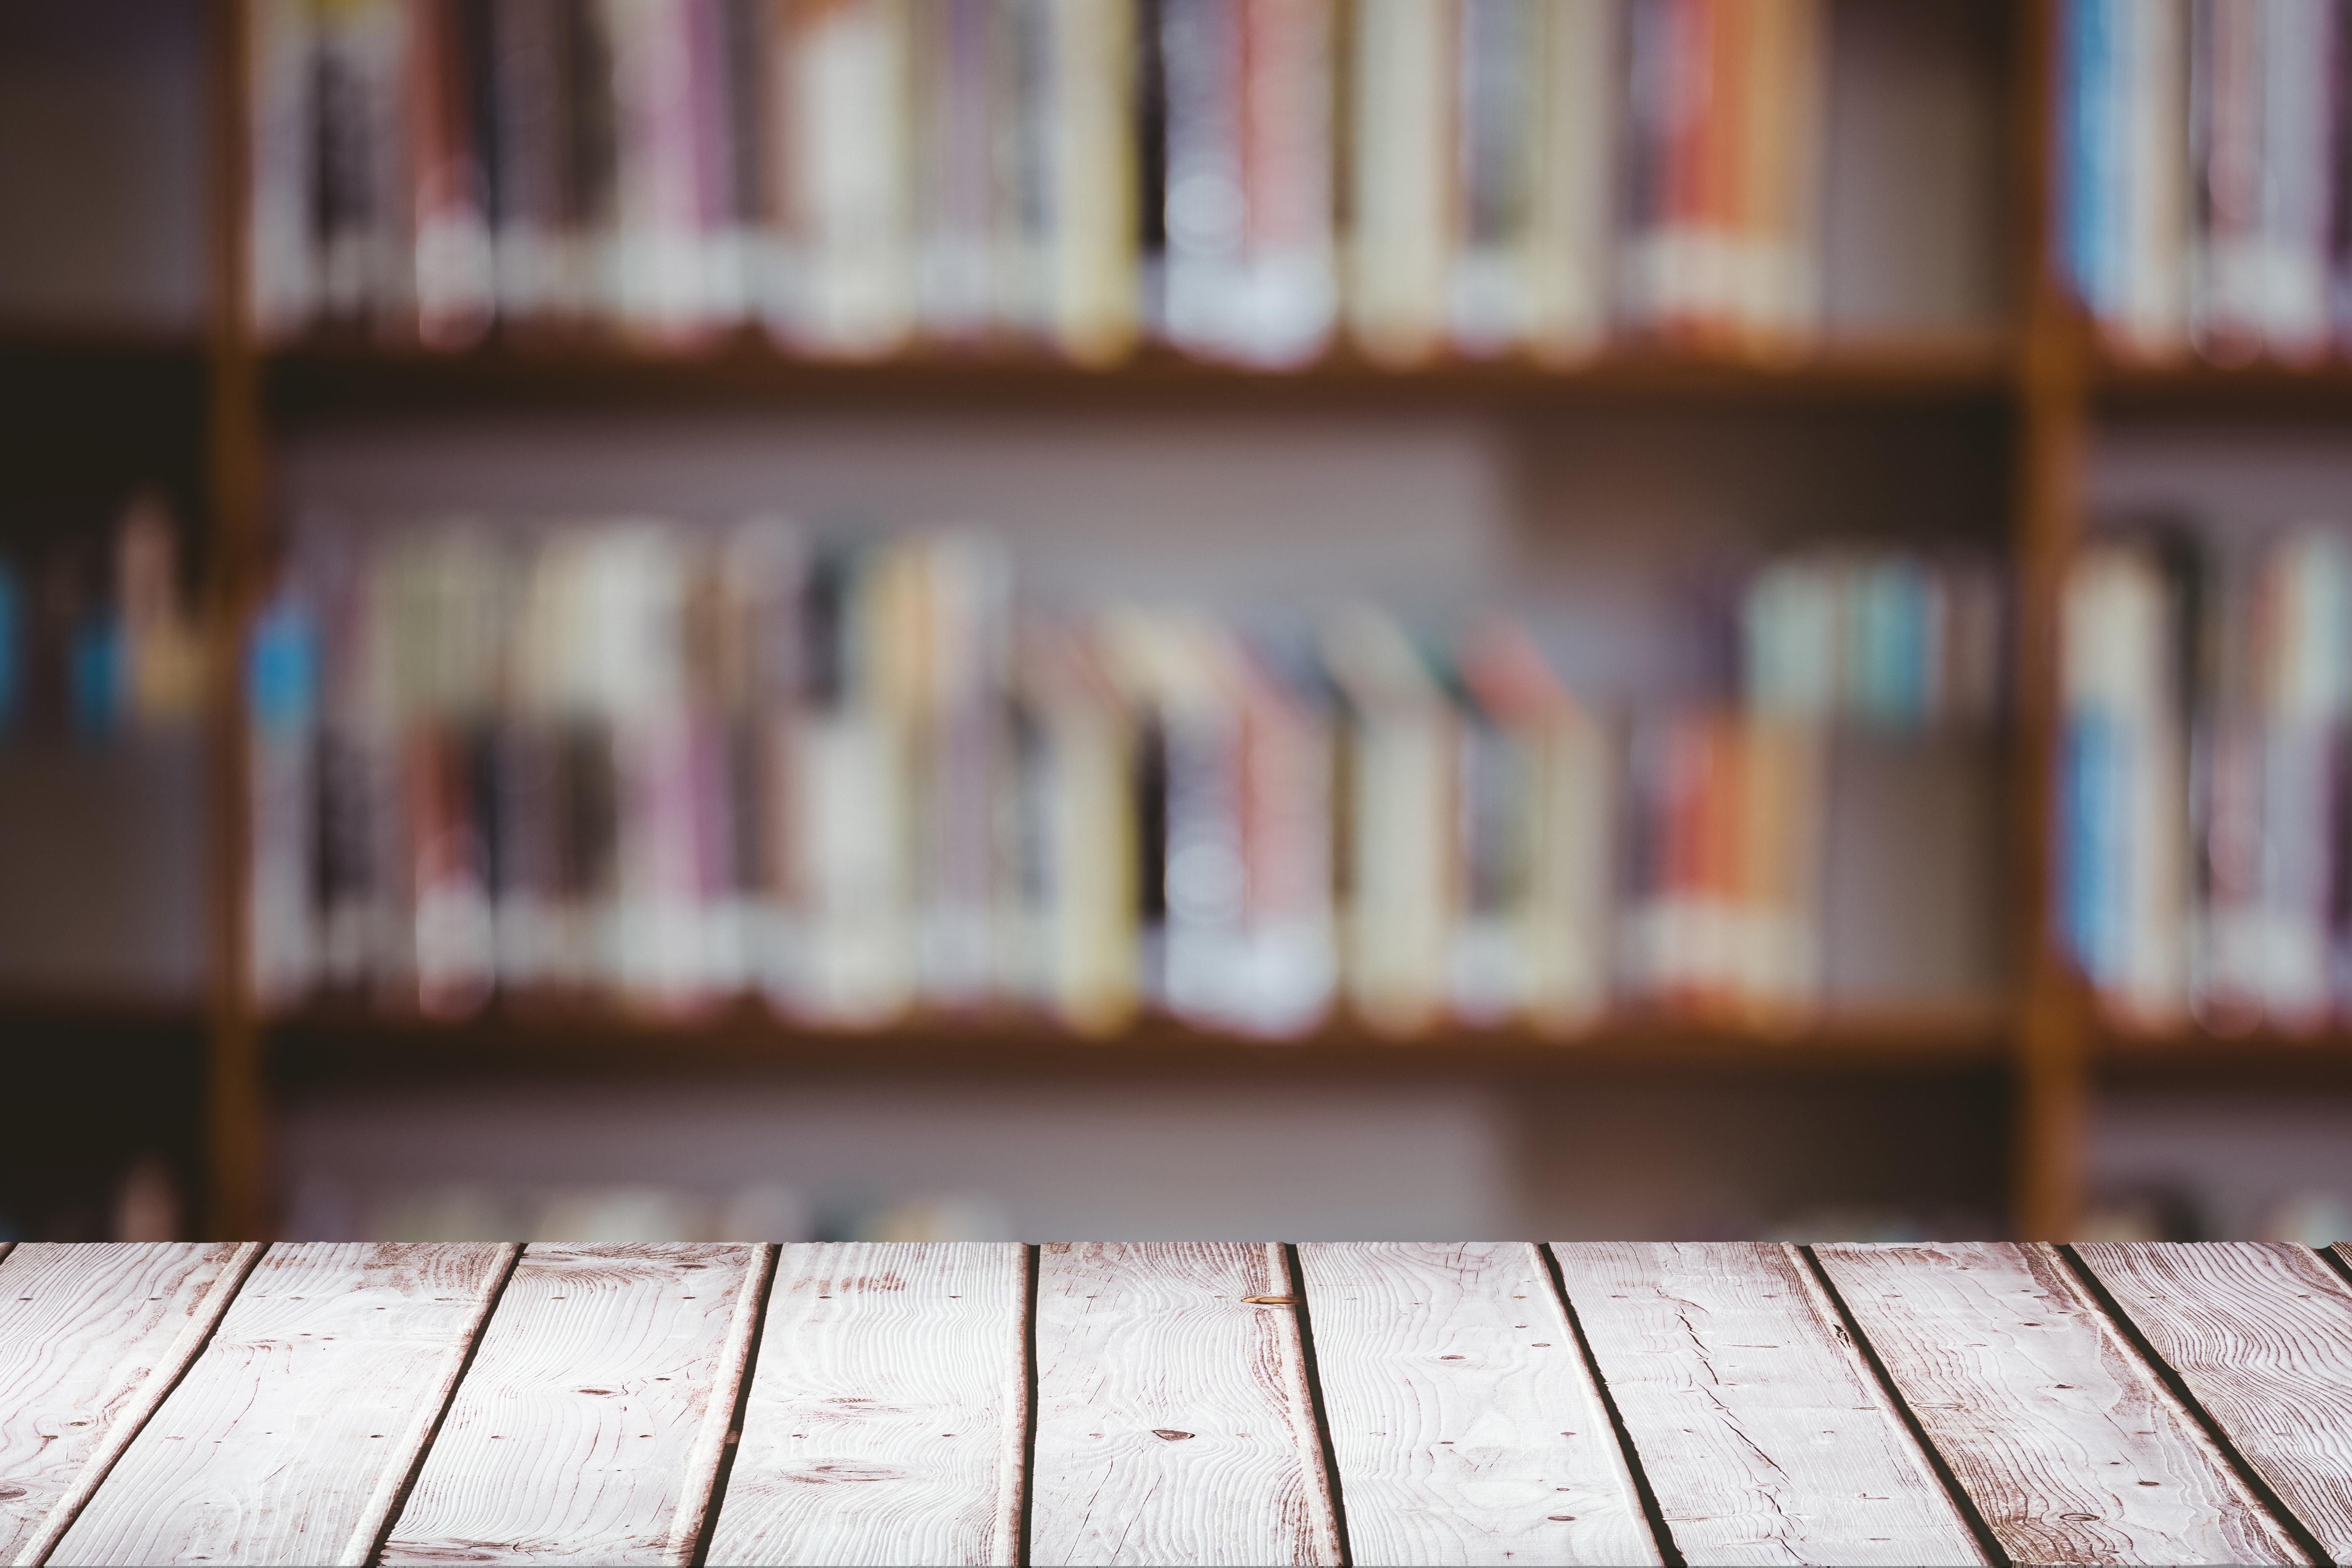 Prevzem učbenikov iz učbeniškega sklada